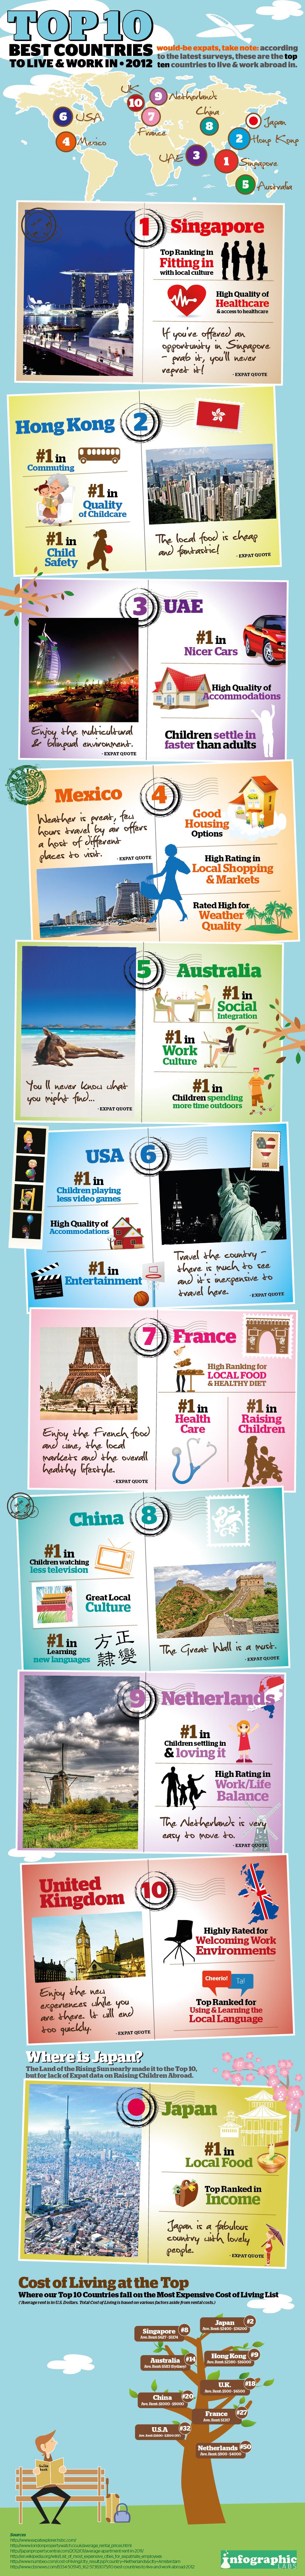 10 mejores países para vivir y trabajar